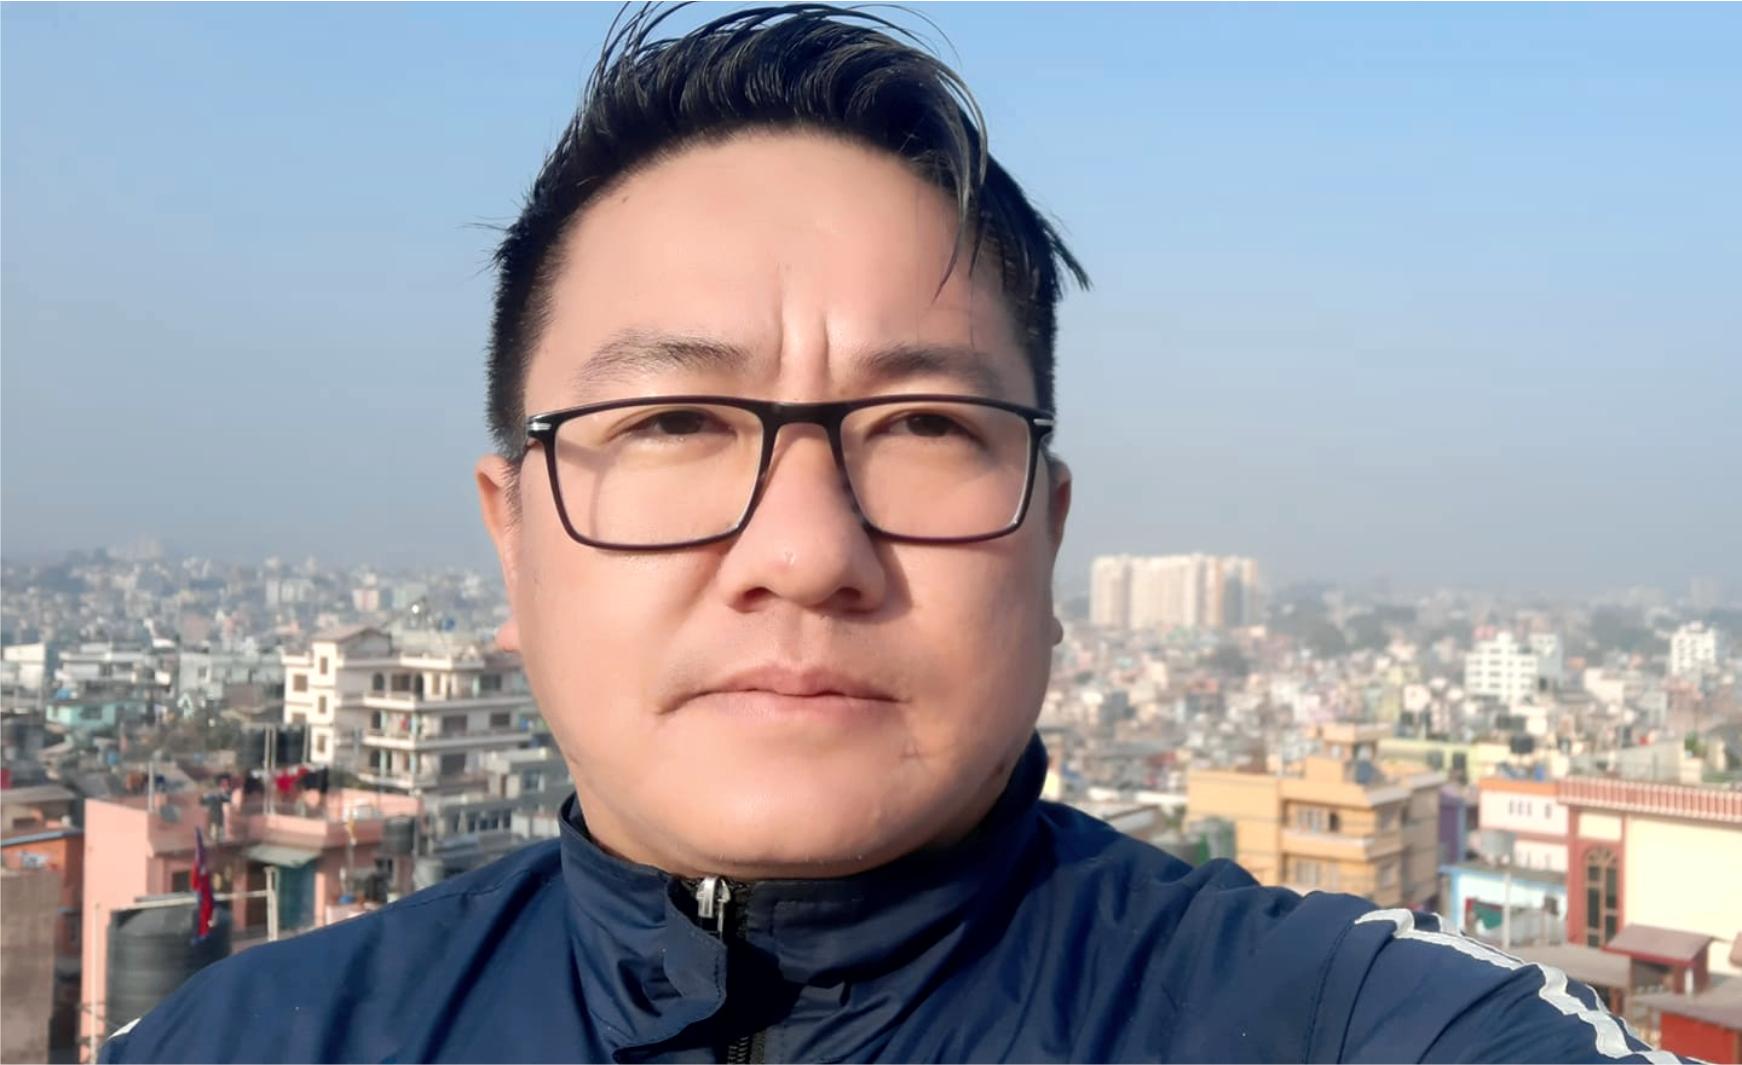 प्रेस नेपाल पत्रकार योङहाङको नेतृत्वमा महासंघमा जाने